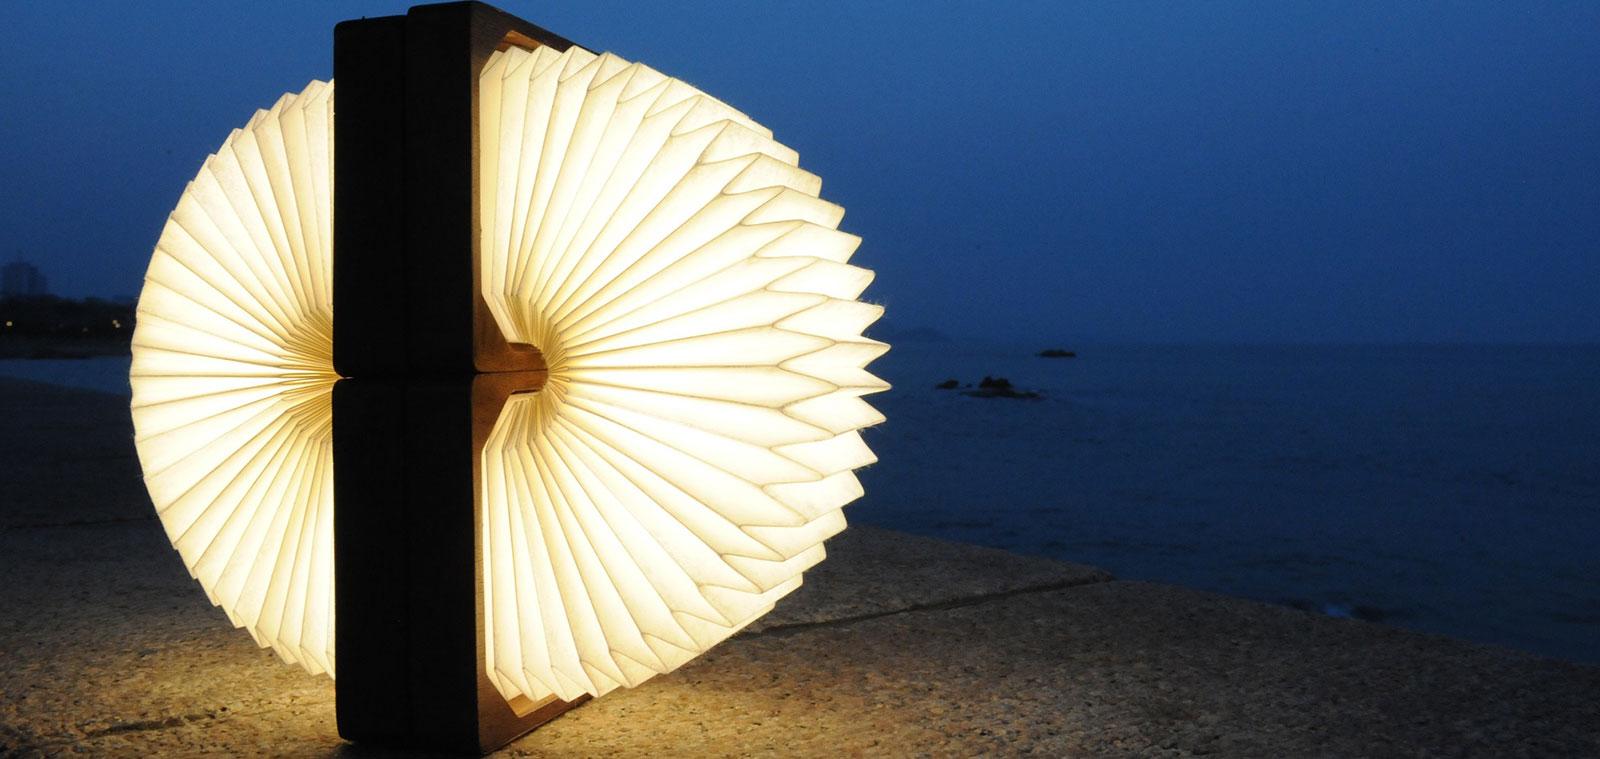 Orilamp Origami Smart Lamp